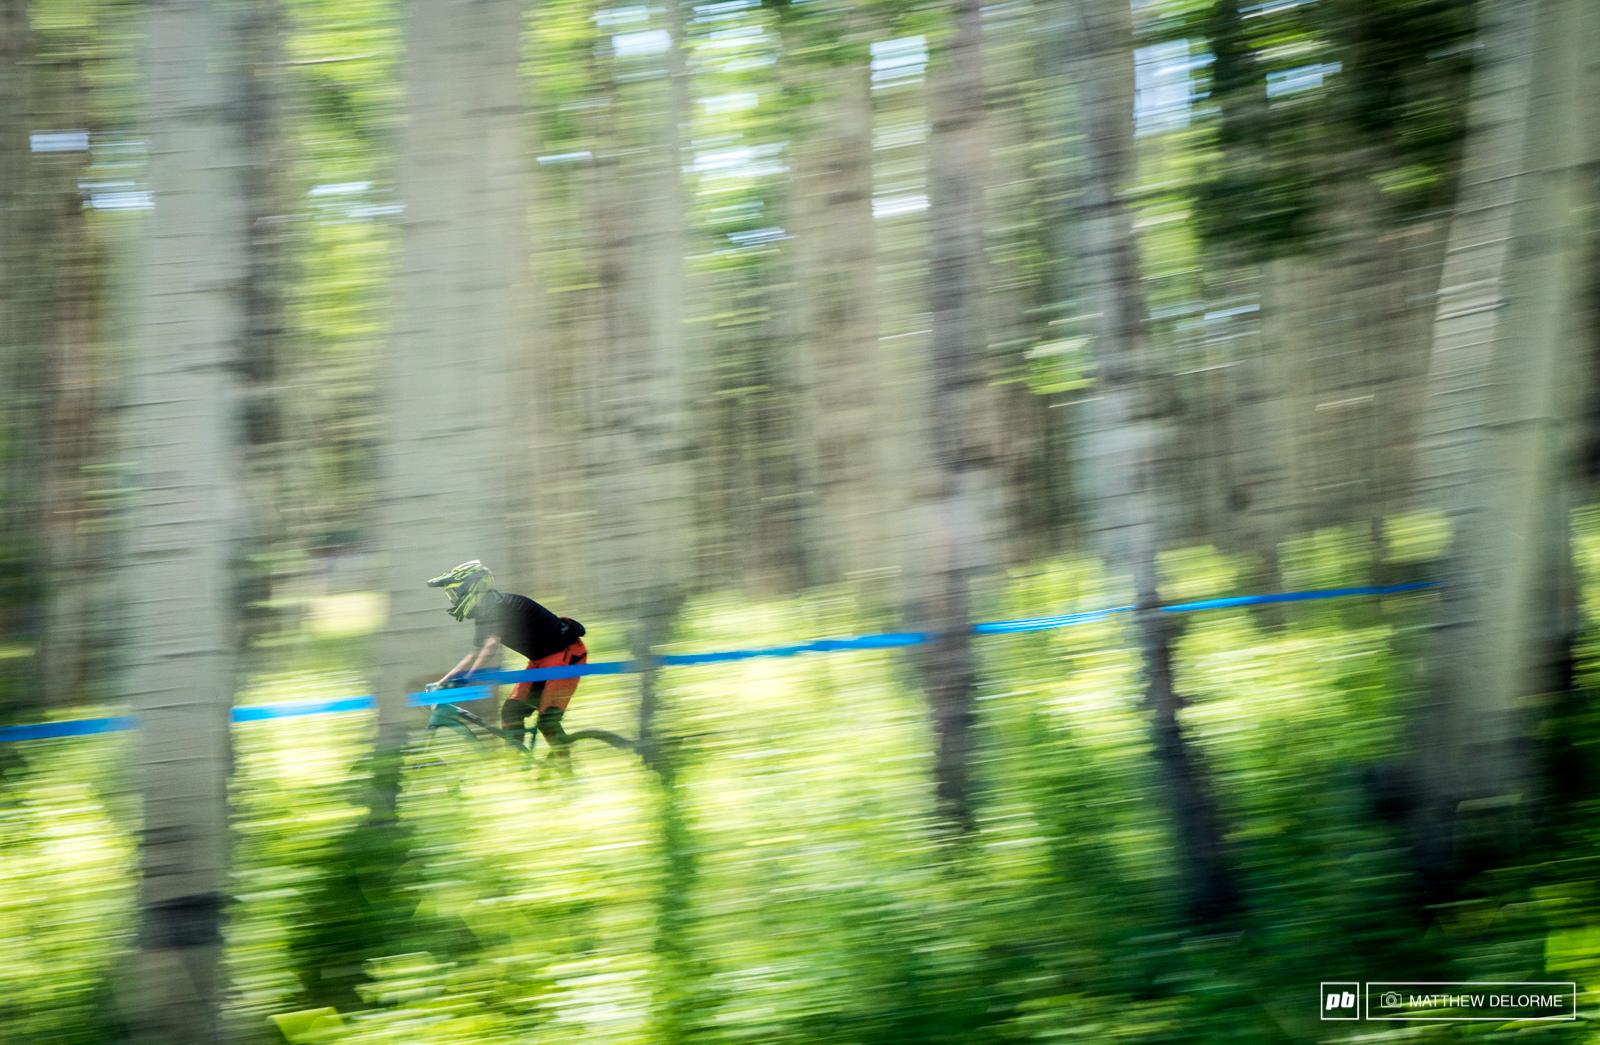 Speeding through the lovely aspen groves of Aspen. Aspen.